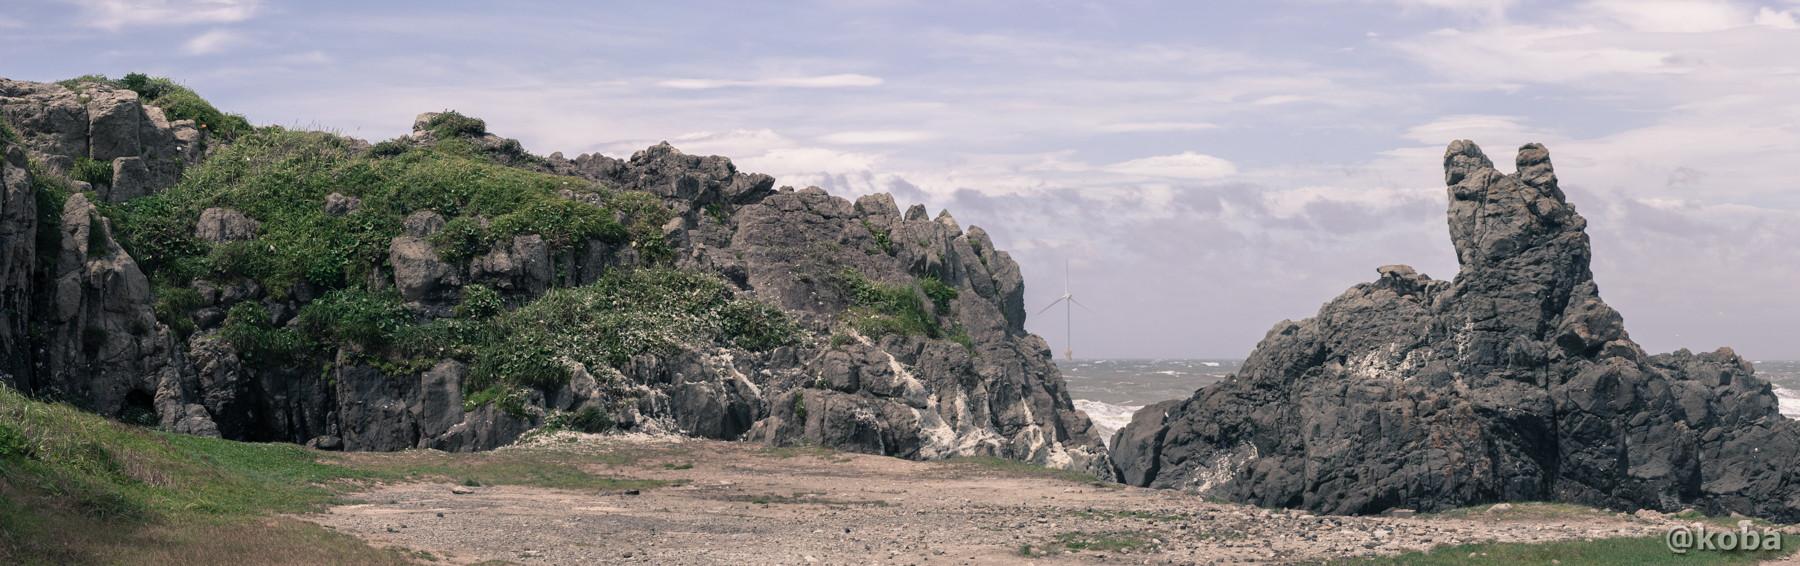 千葉 銚子 犬岩(いぬいわ)パノラマ写真 panorama